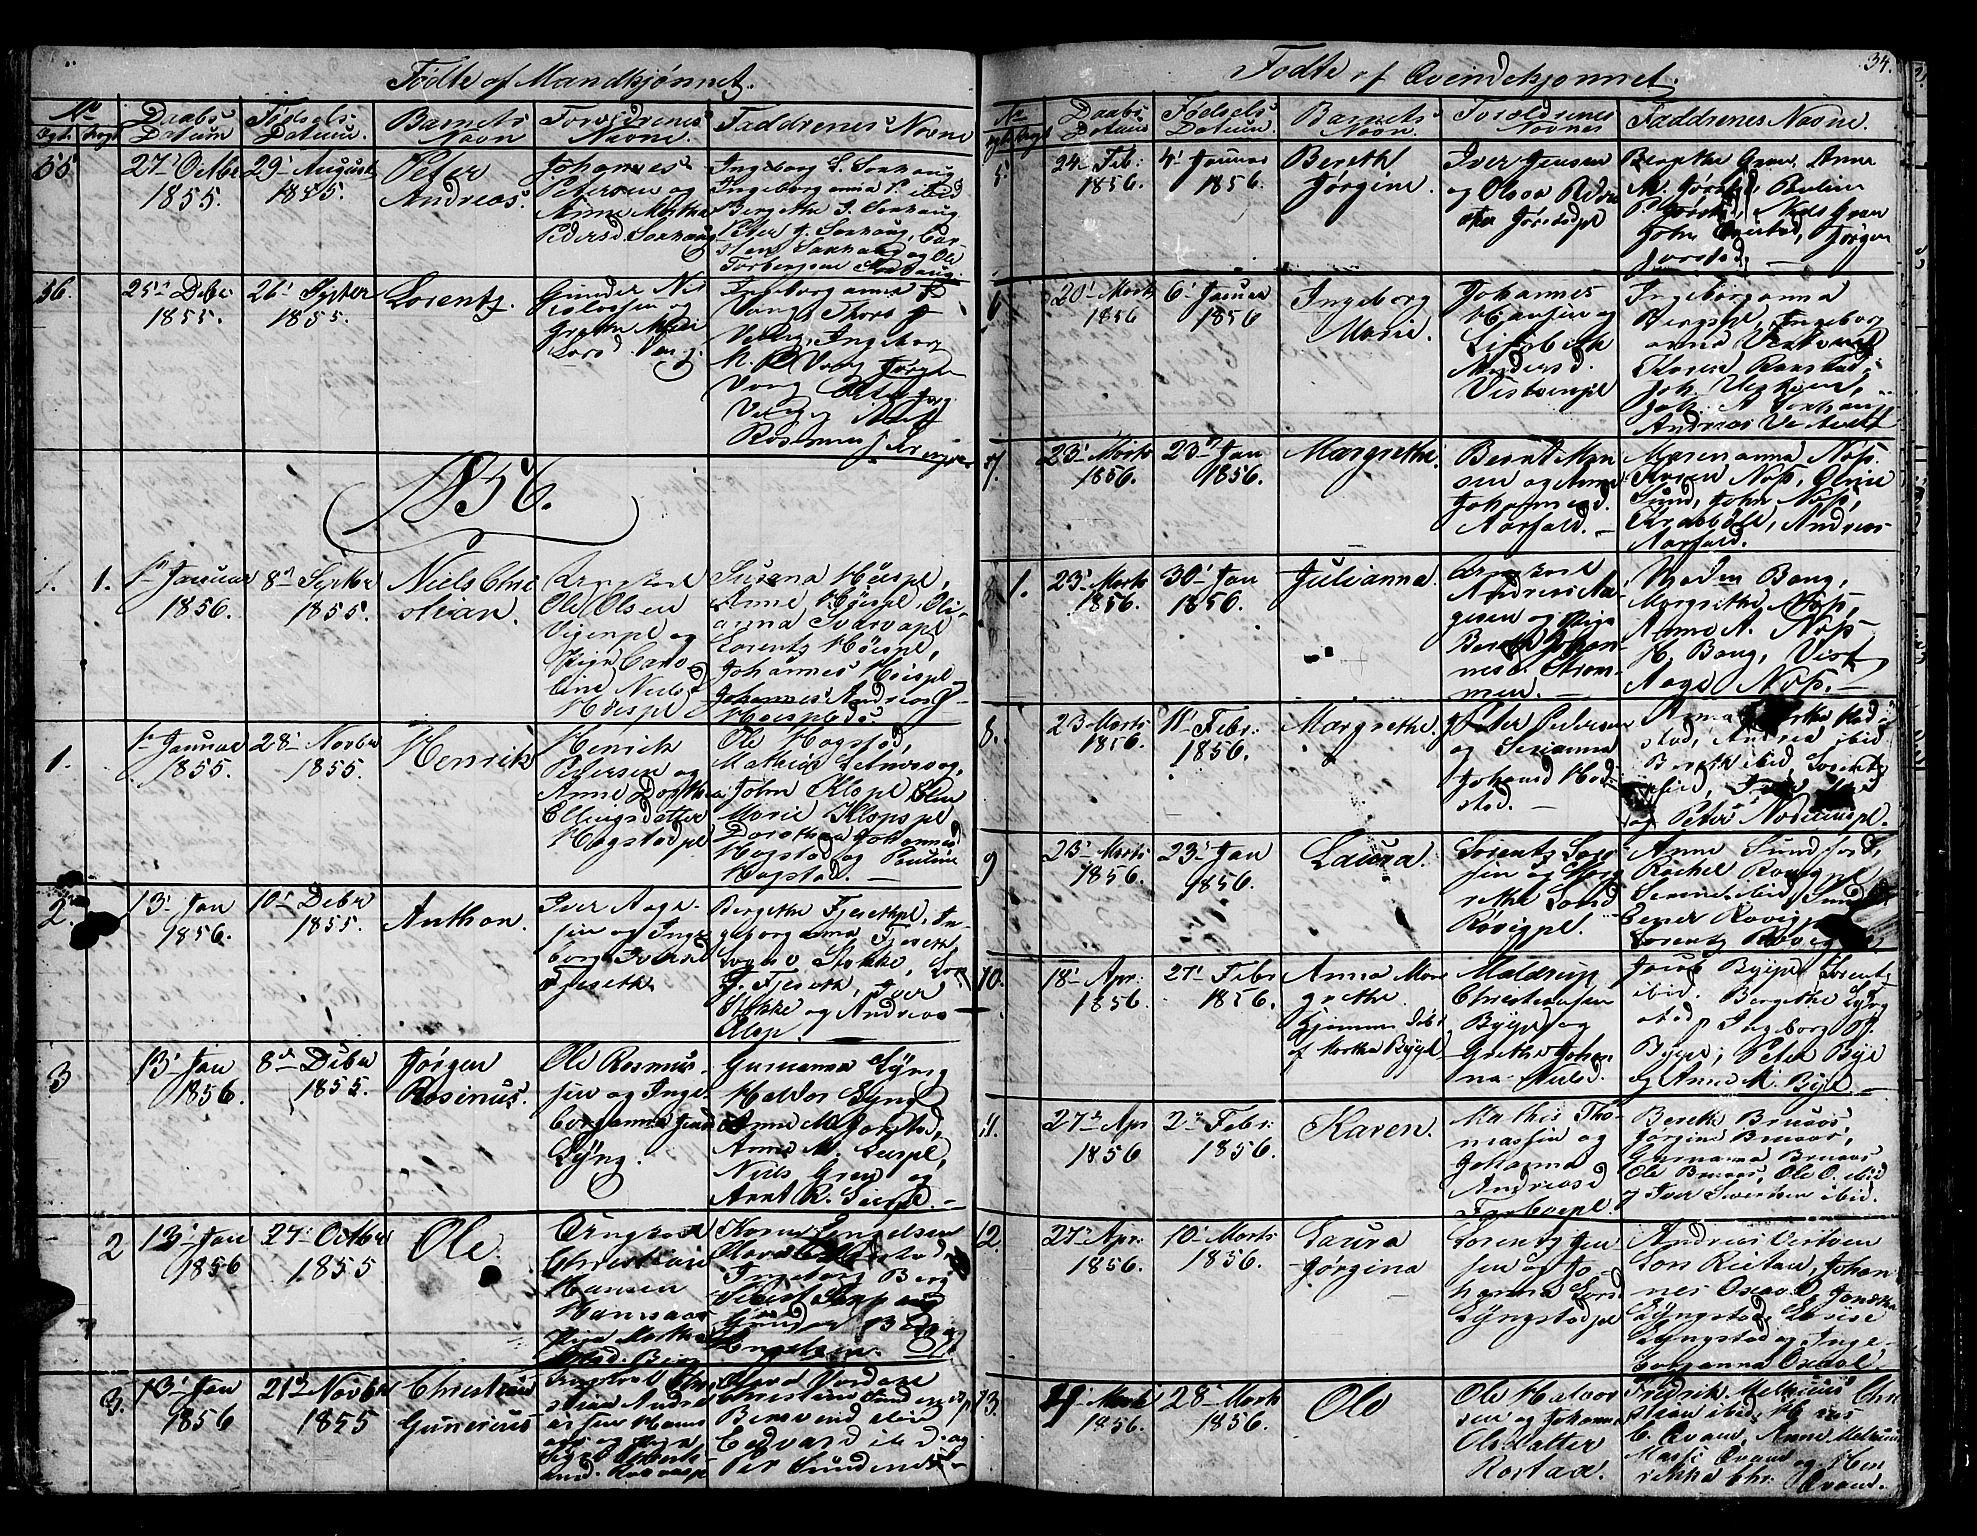 SAT, Ministerialprotokoller, klokkerbøker og fødselsregistre - Nord-Trøndelag, 730/L0299: Klokkerbok nr. 730C02, 1849-1871, s. 34